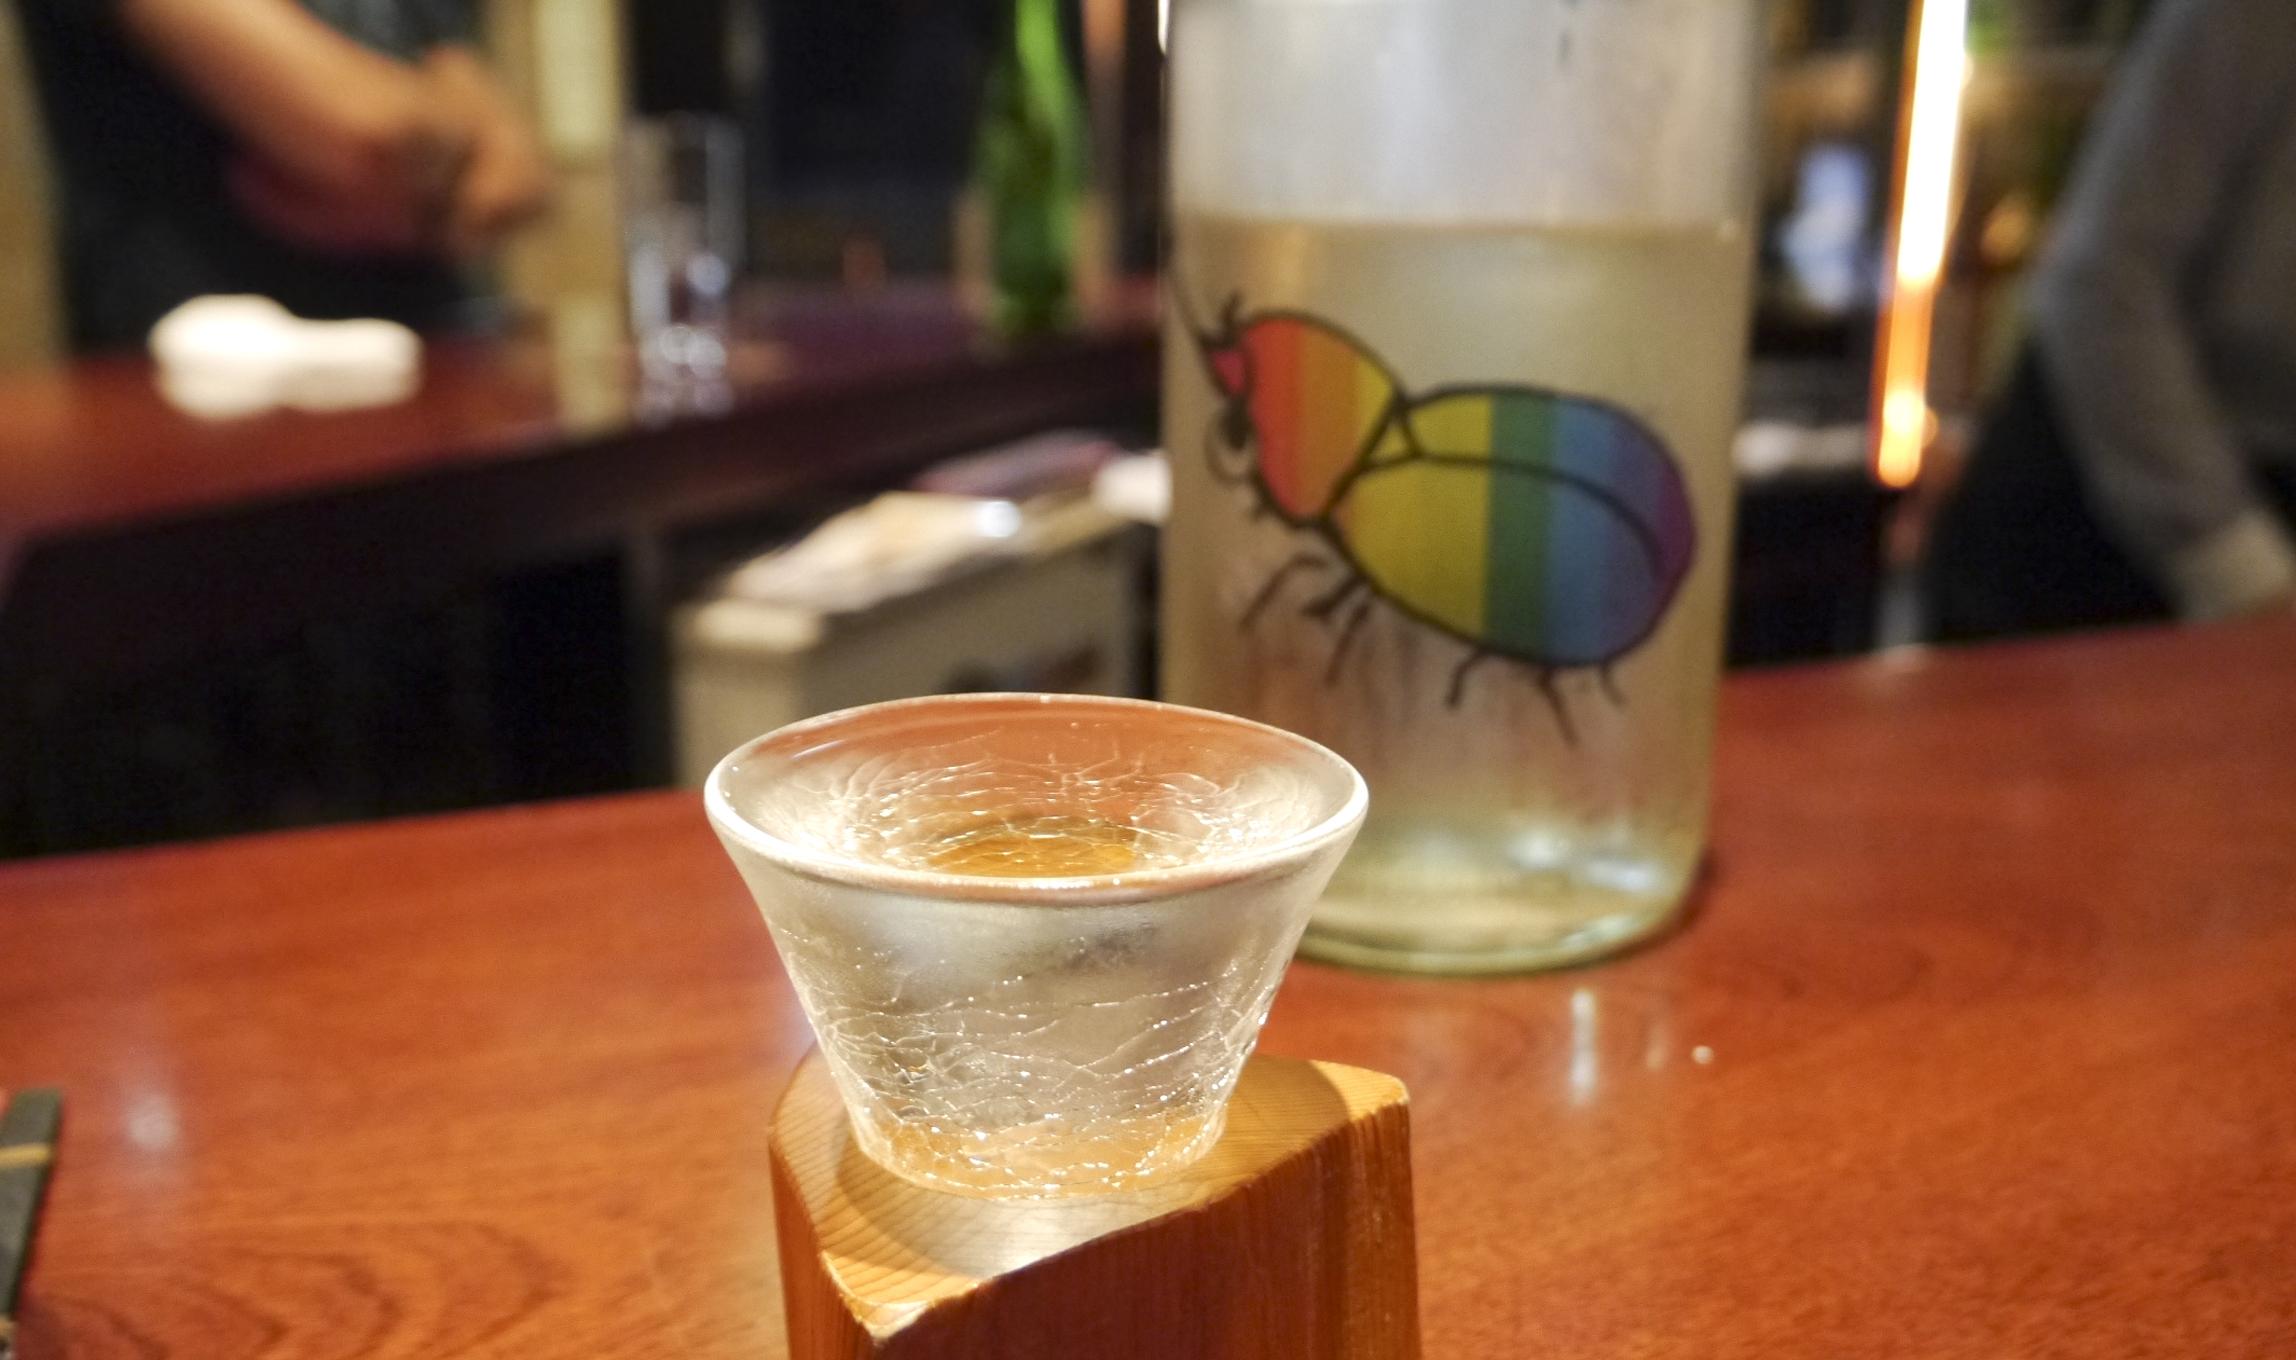 Pair sake with snacks